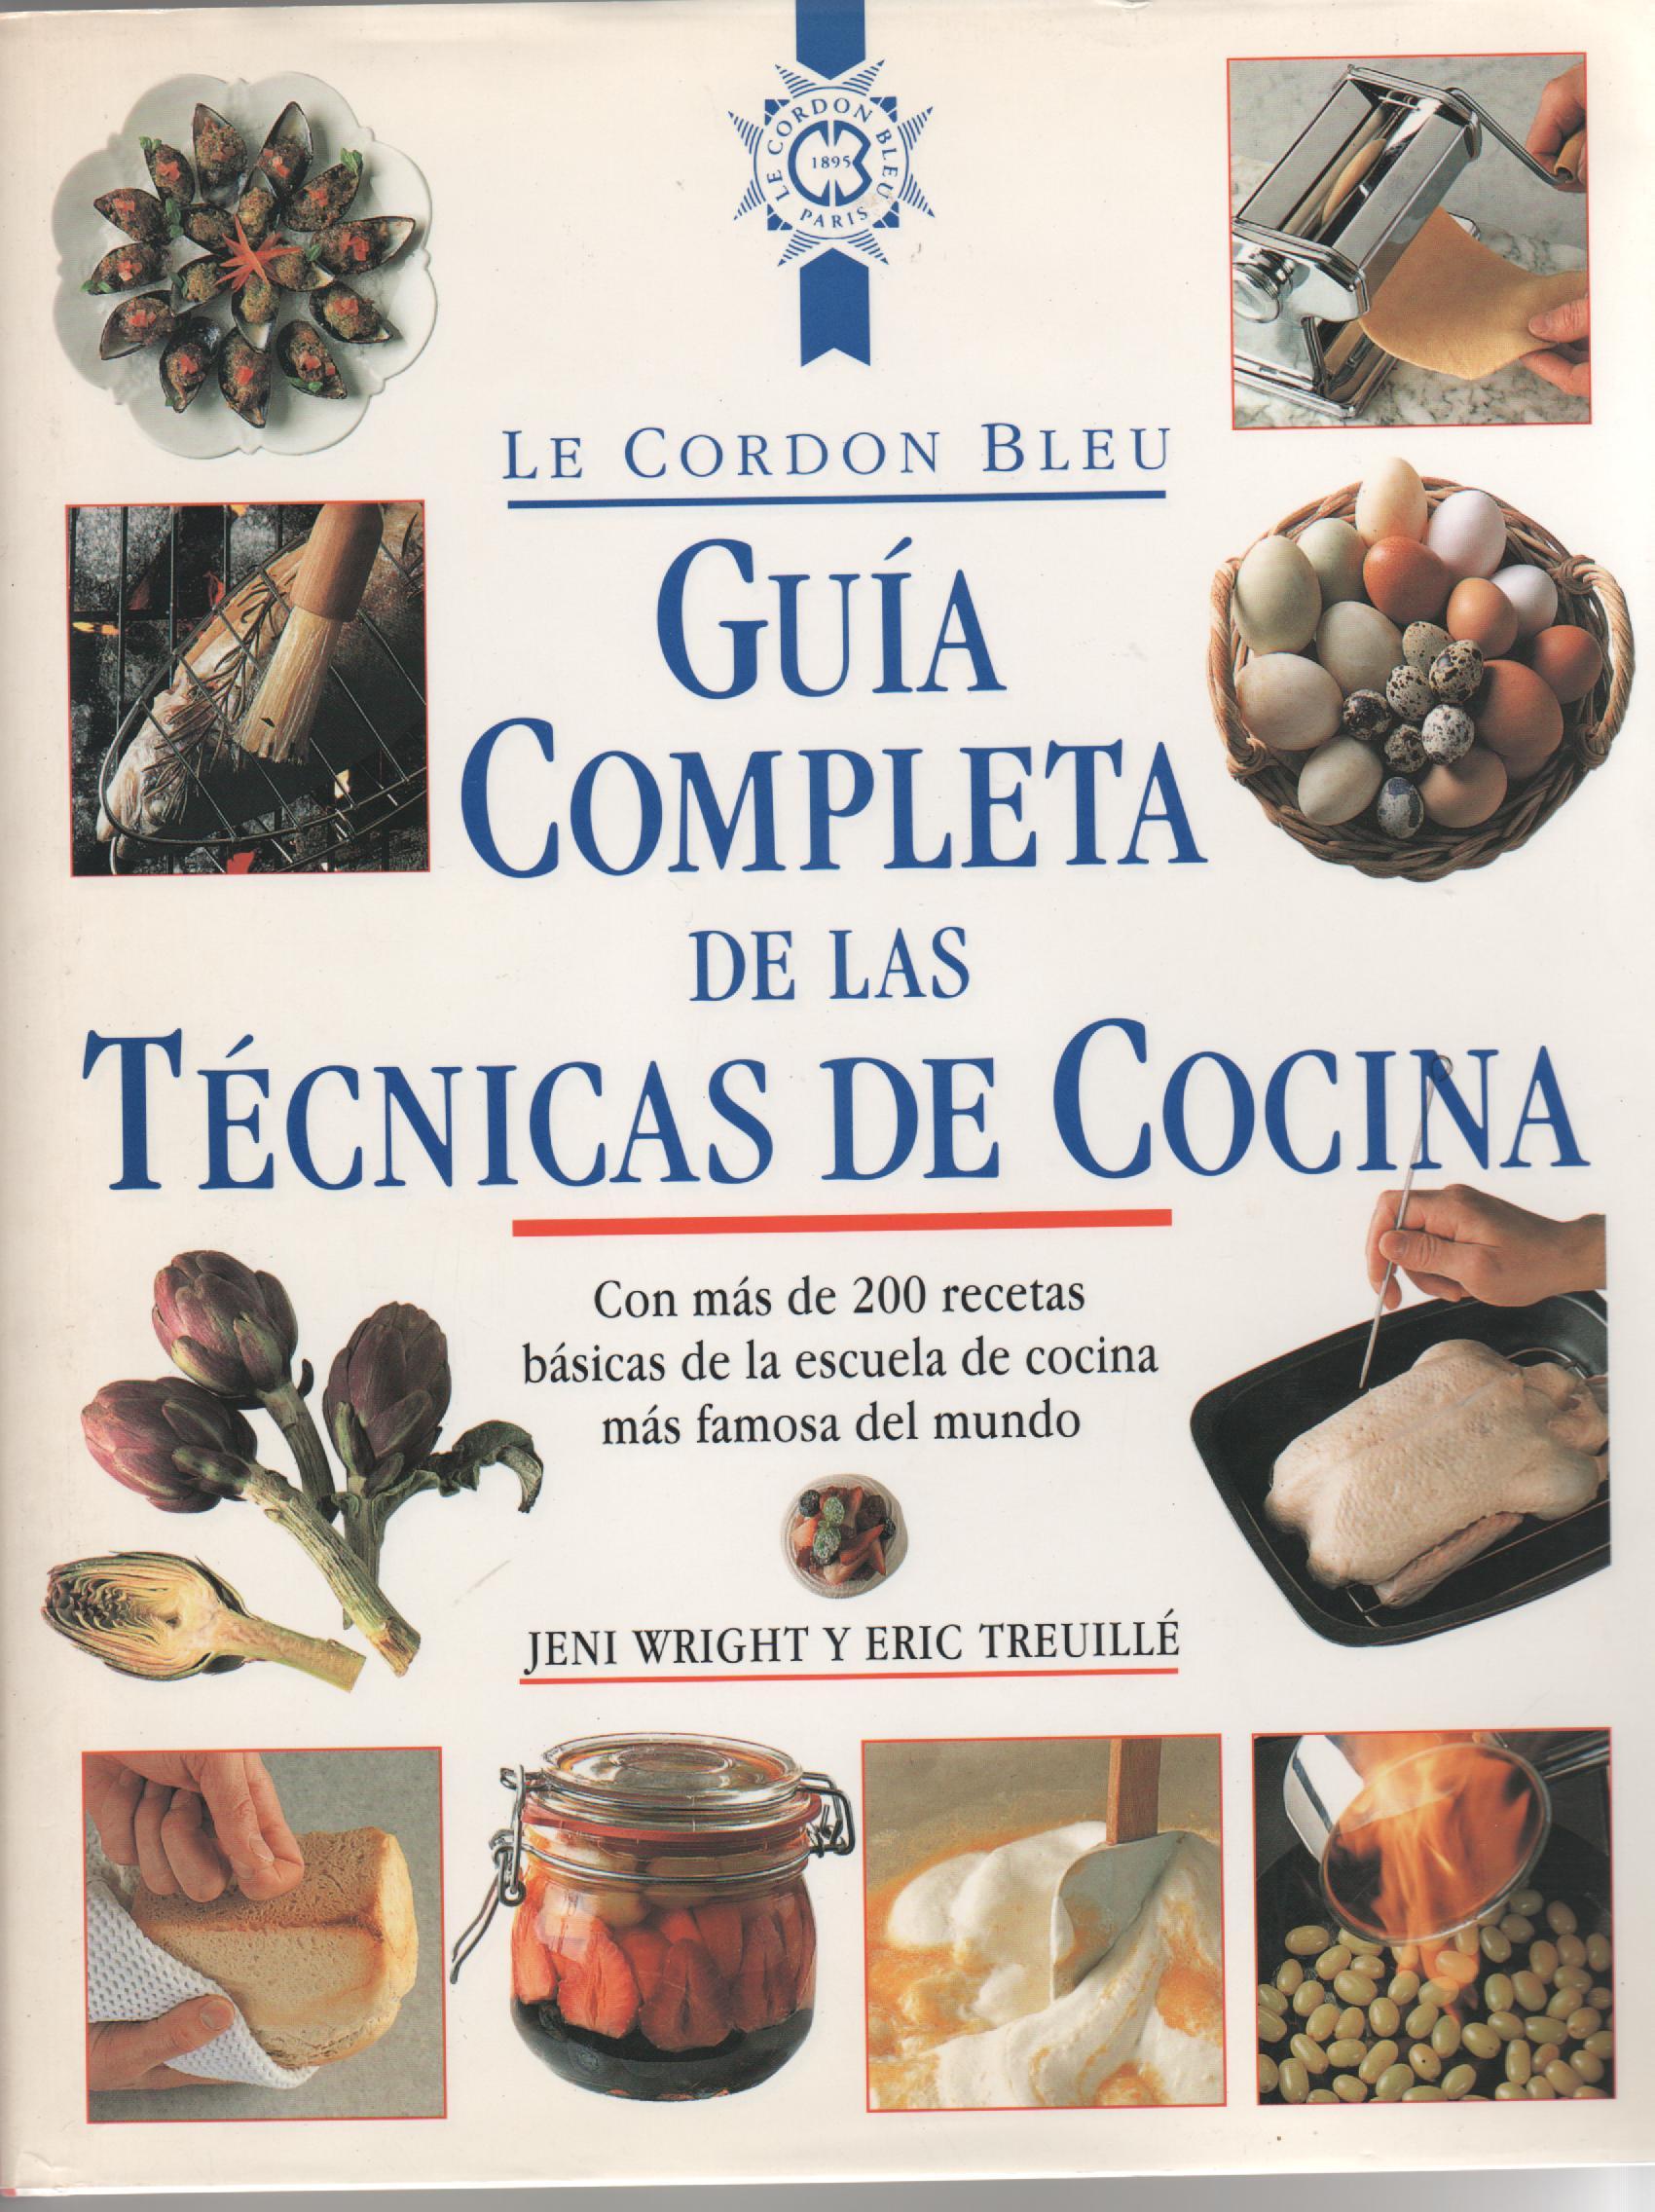 Guía completa de las técnicas de cocina